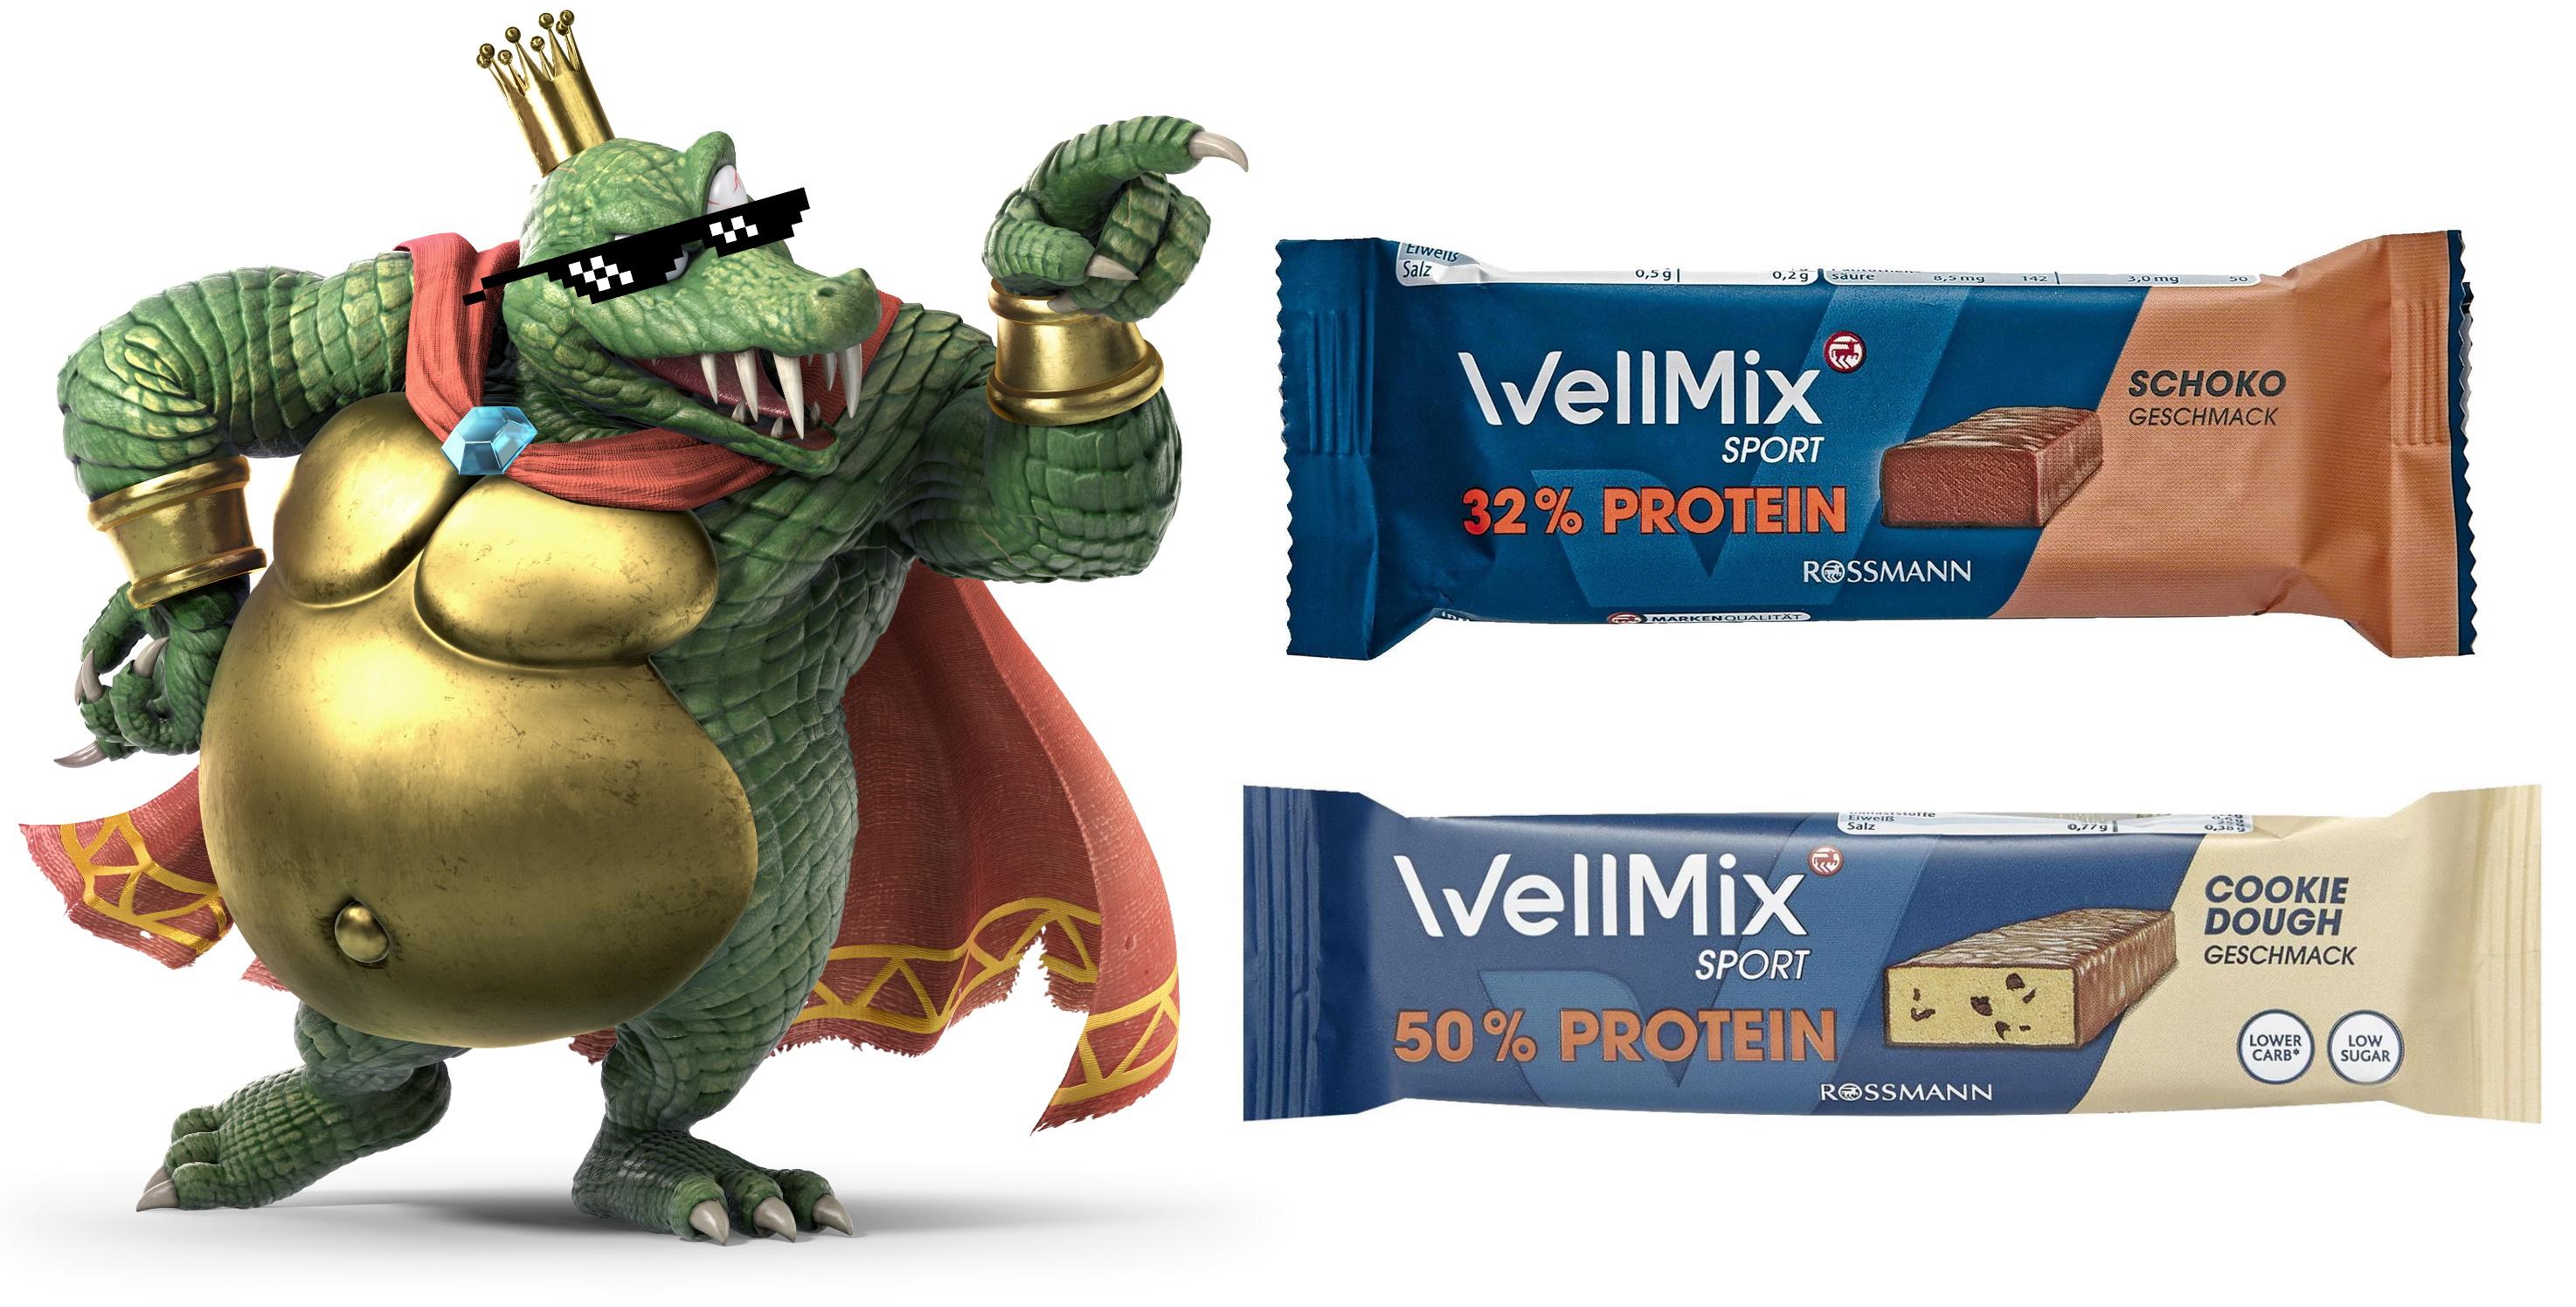 Pumpermarkt [02/21]: z.B. 50g WellMix Sport 32% Proteinriegel für 0,35€ oder 50%-Riegel für 0,80€ bei Rossmann (per 10% App-Coupon)